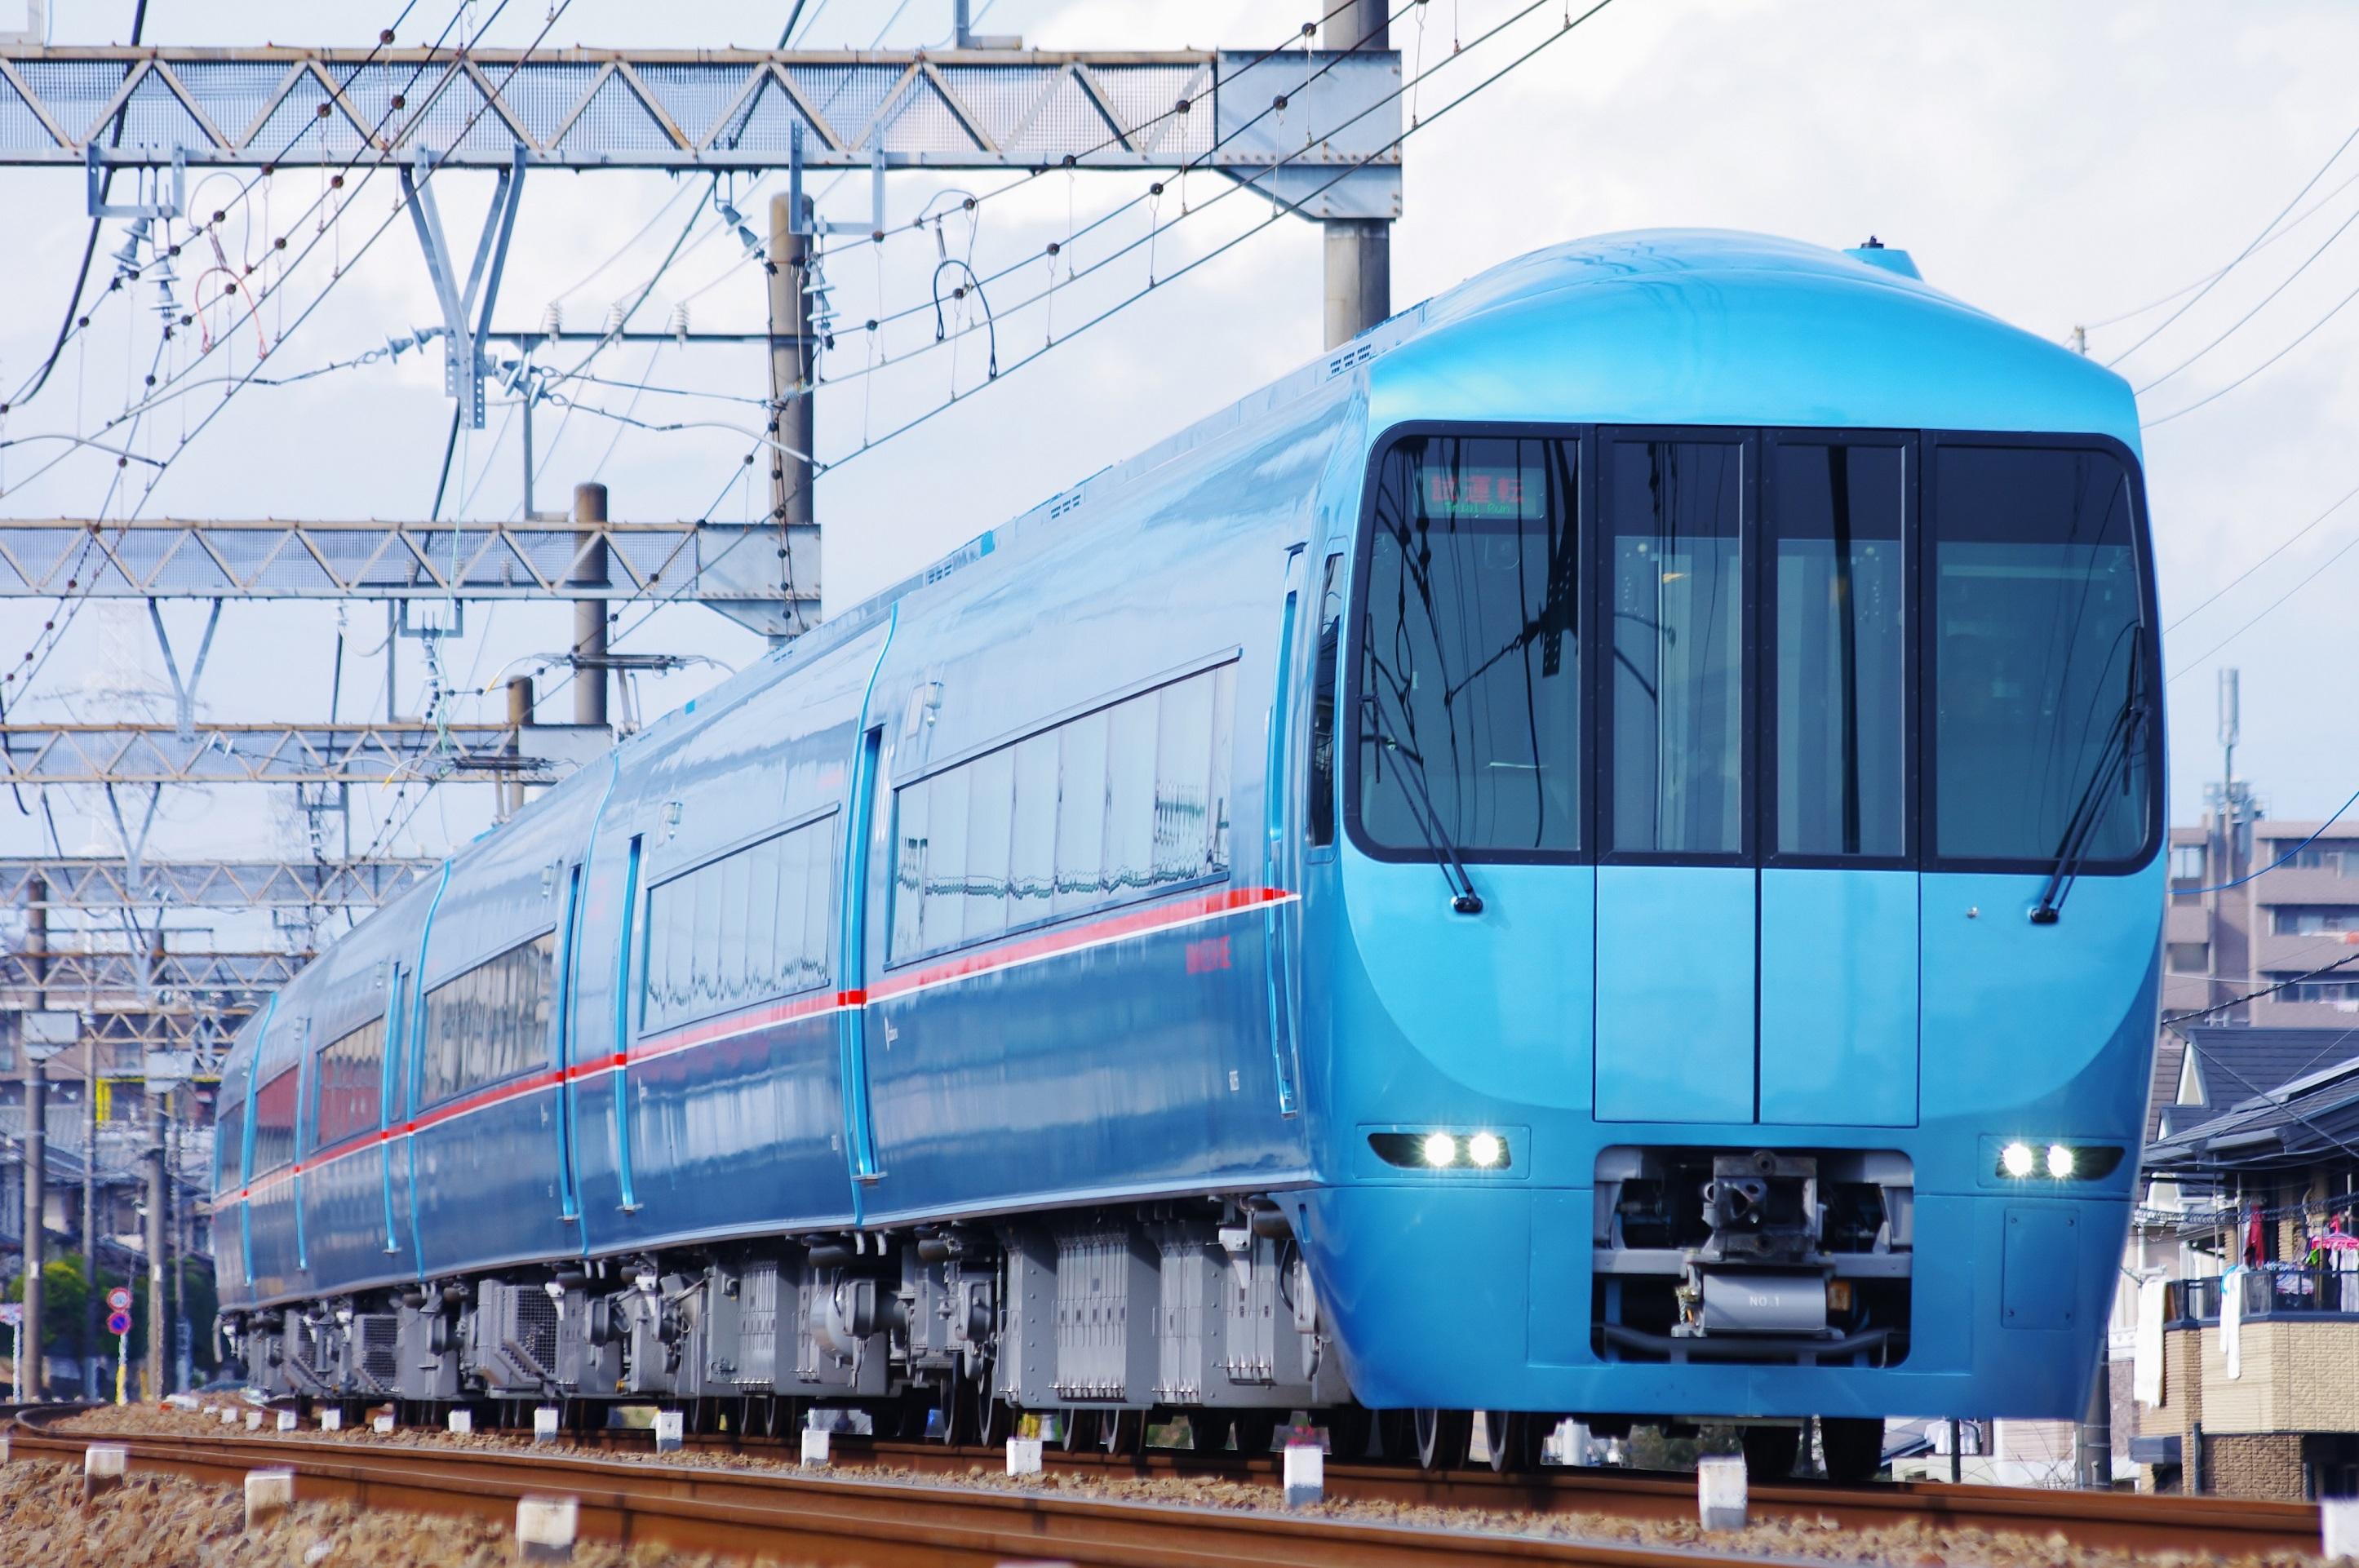 2015.12.25 60255F多摩線試運転4